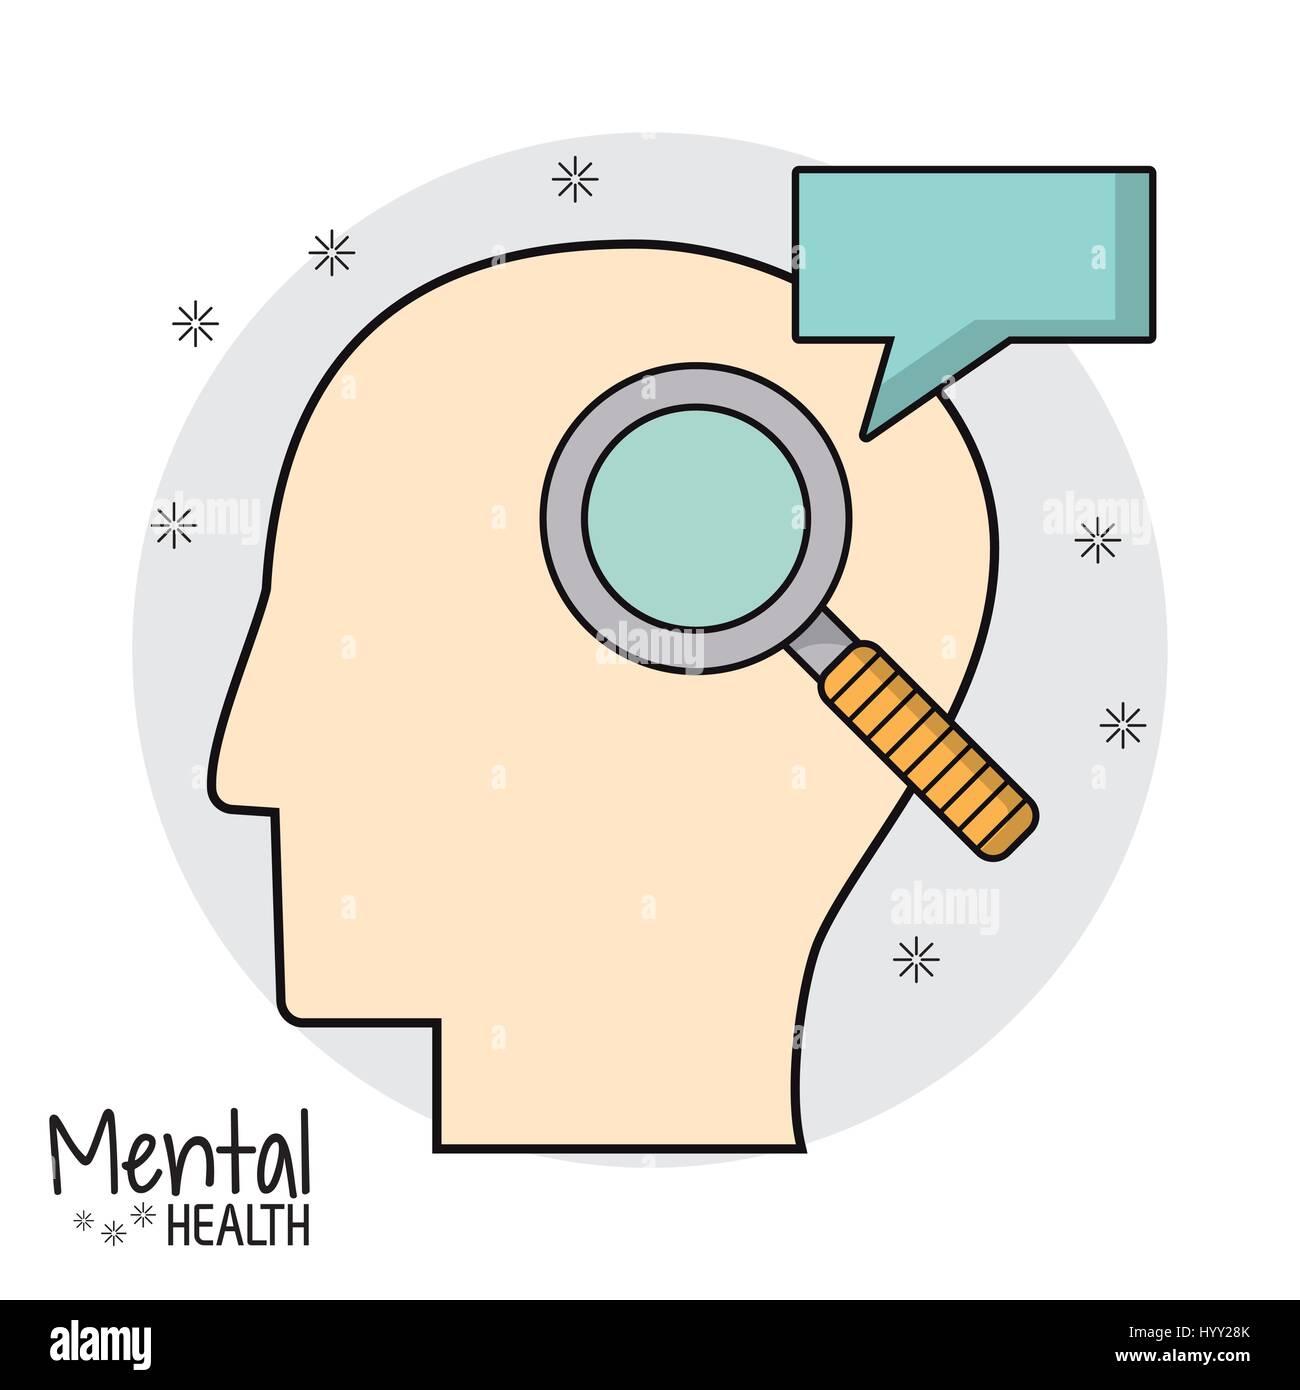 La salute mentale testa parla di ricerca Immagini Stock